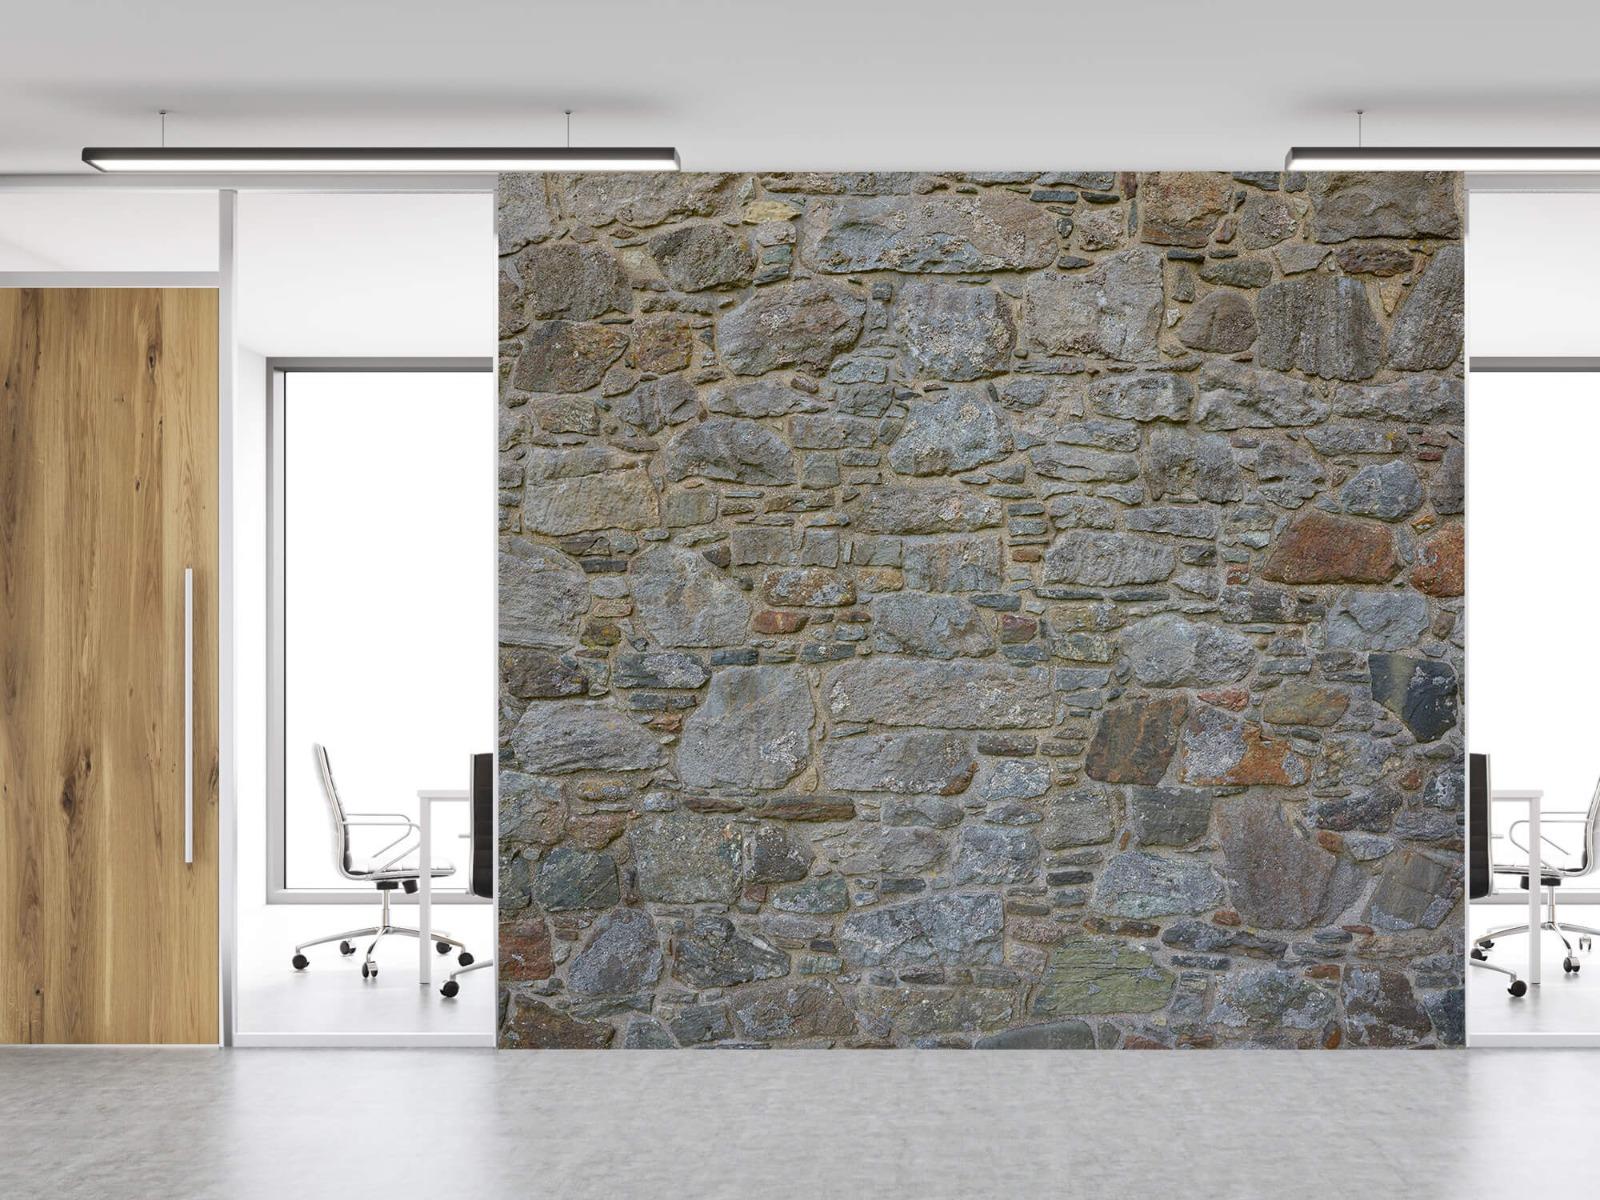 Papier peint en pierre - Mur de pierre médiéval - Chambre à coucher 12